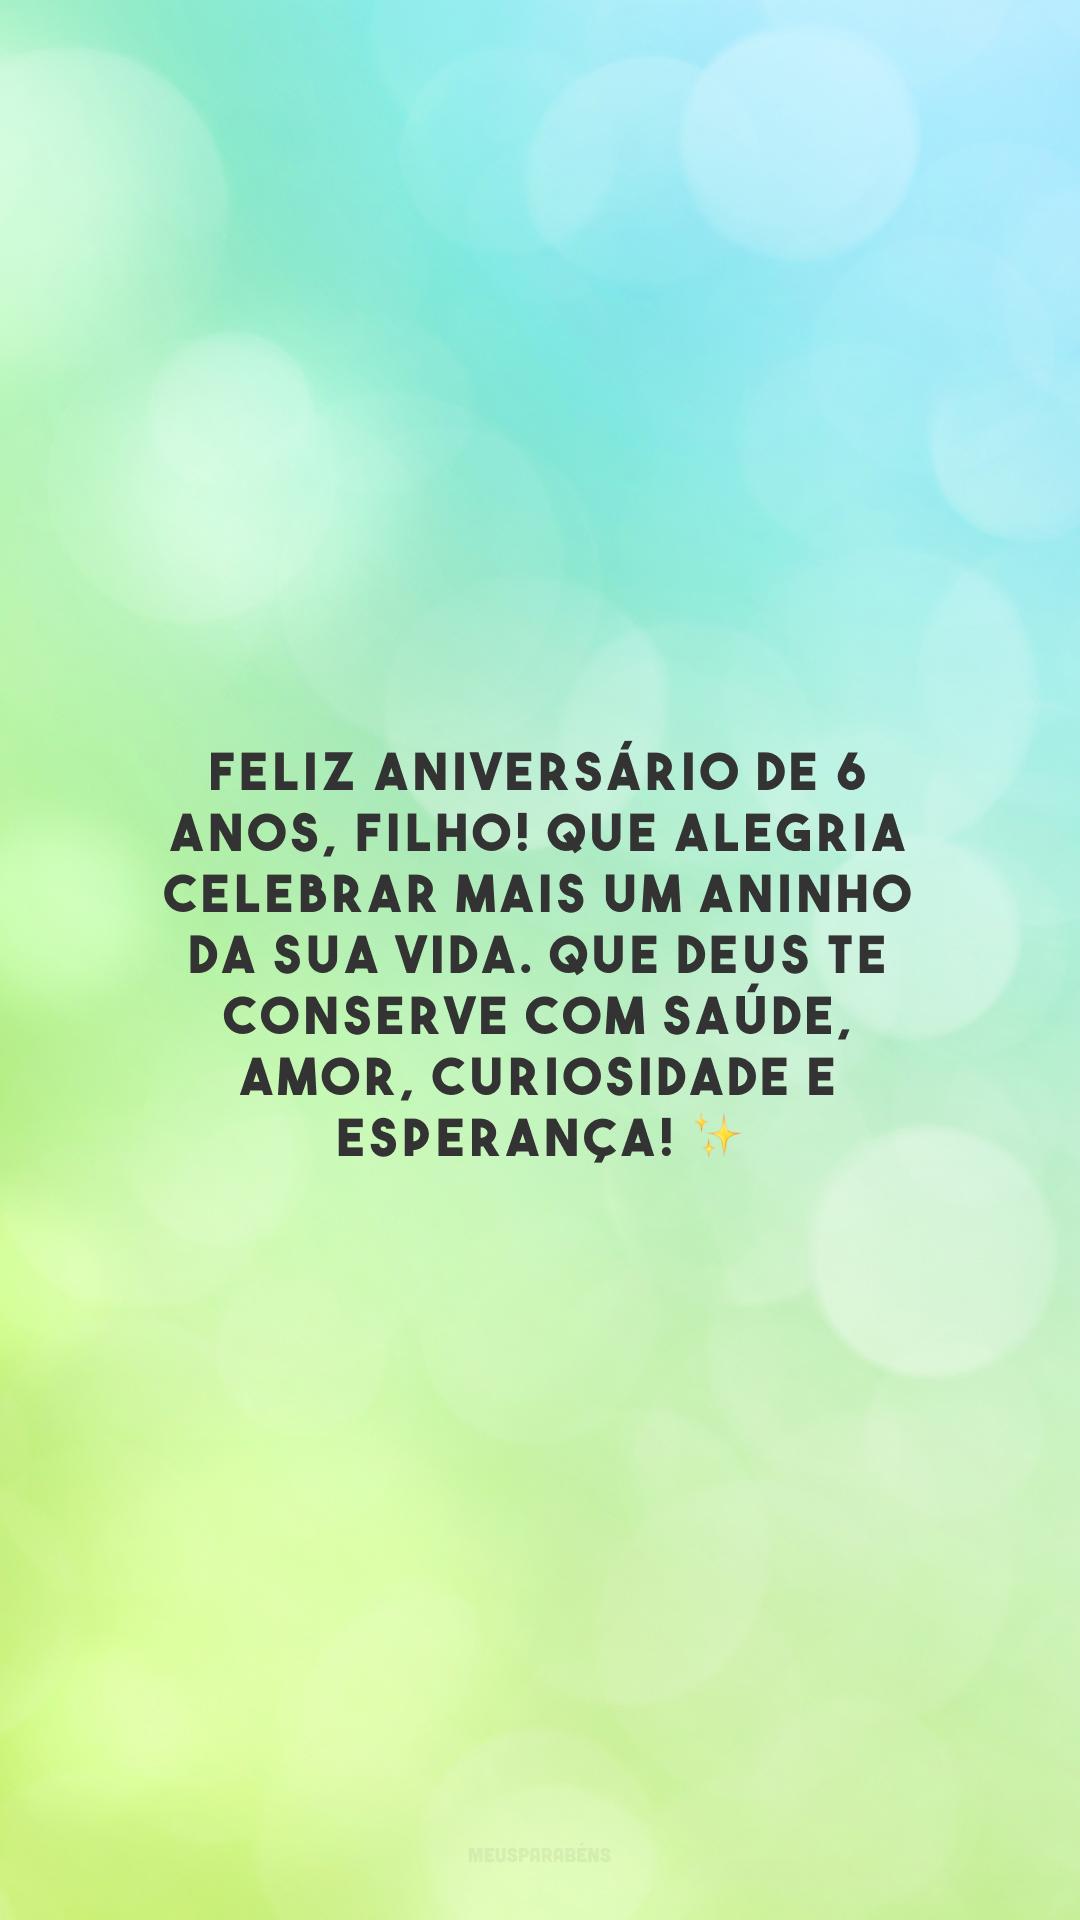 Feliz aniversário de 6 anos, filho! Que alegria celebrar mais um aninho da sua vida. Que Deus te conserve com saúde, amor, curiosidade e esperança! ✨